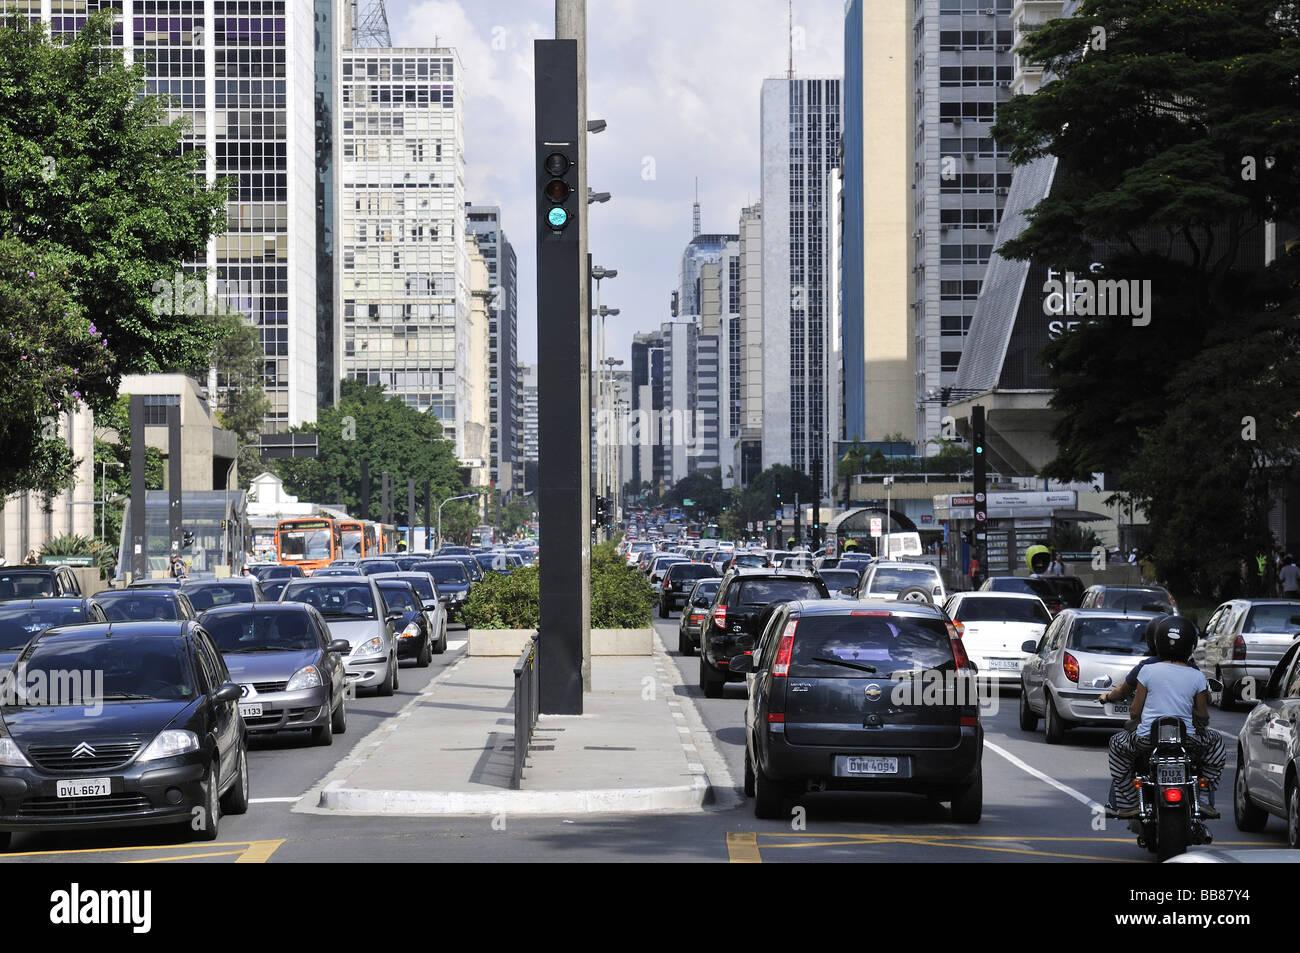 Il traffico nella Avenida Paulista street, Sao Paulo, Brasile, Sud America Immagini Stock